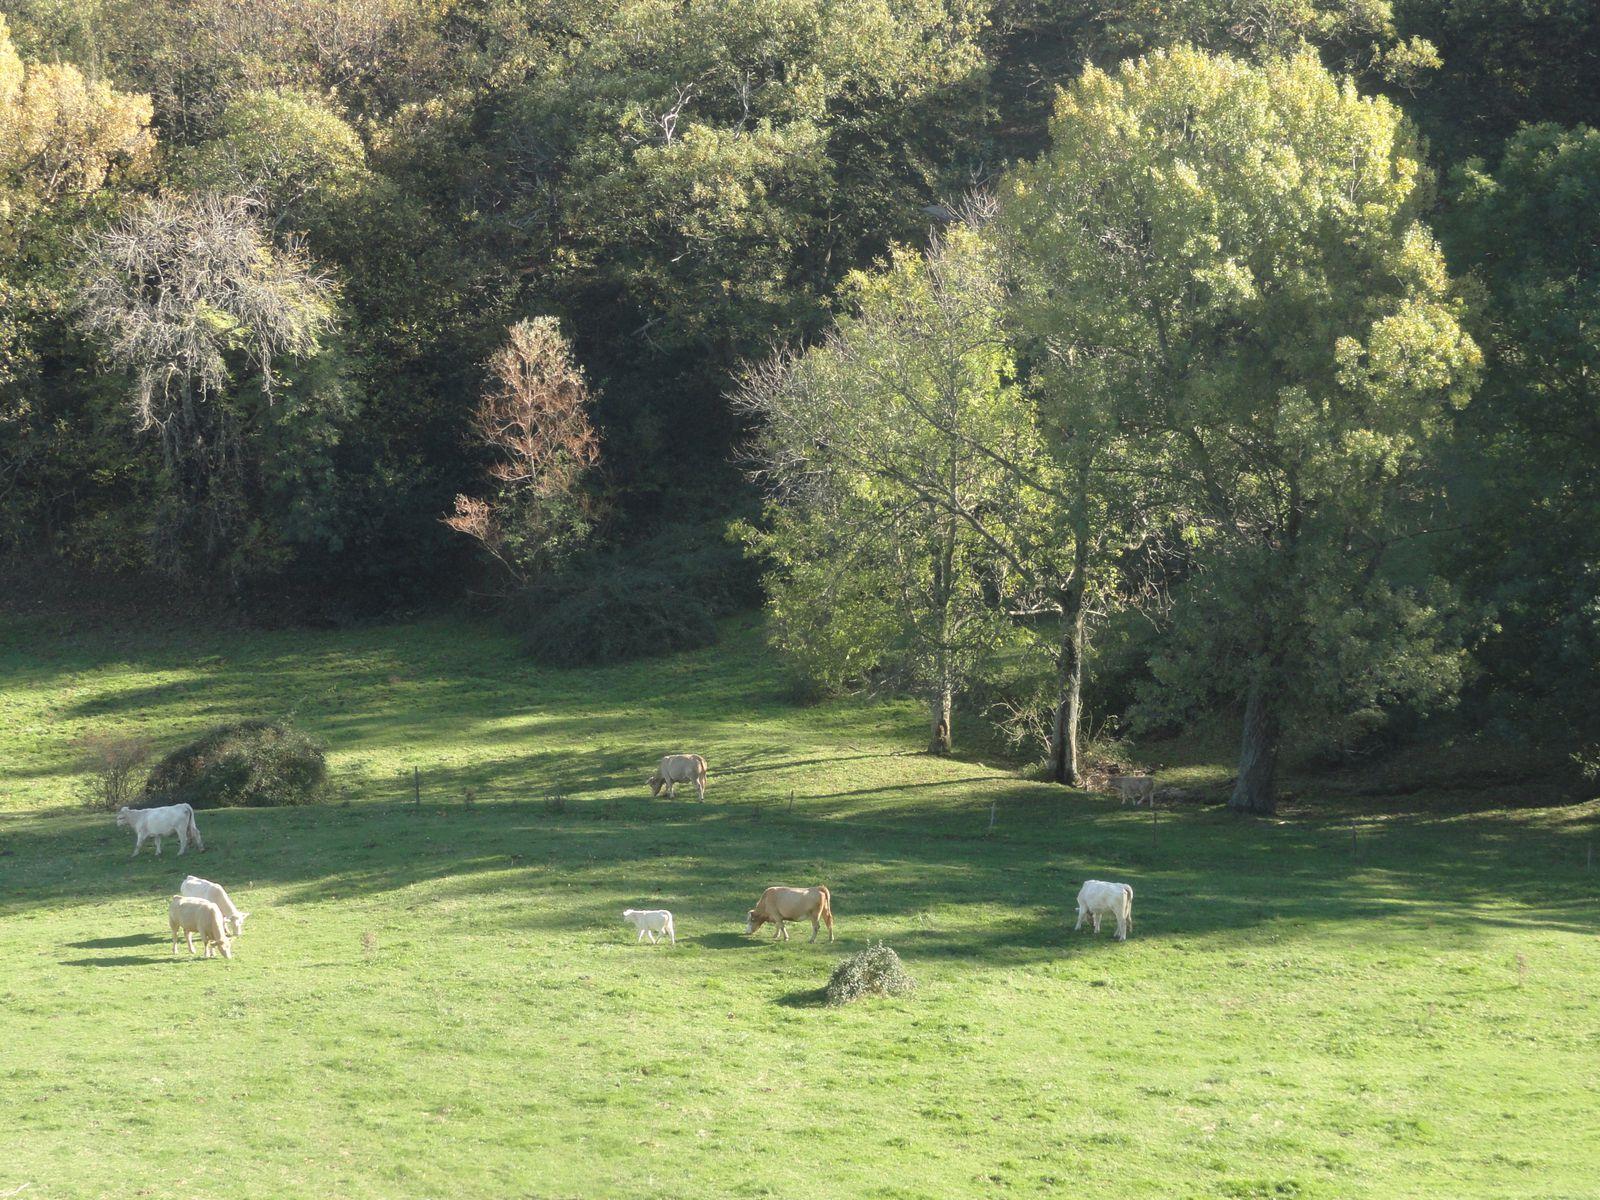 Comme dirait Thérèse : ce paysage est bucolique !!!